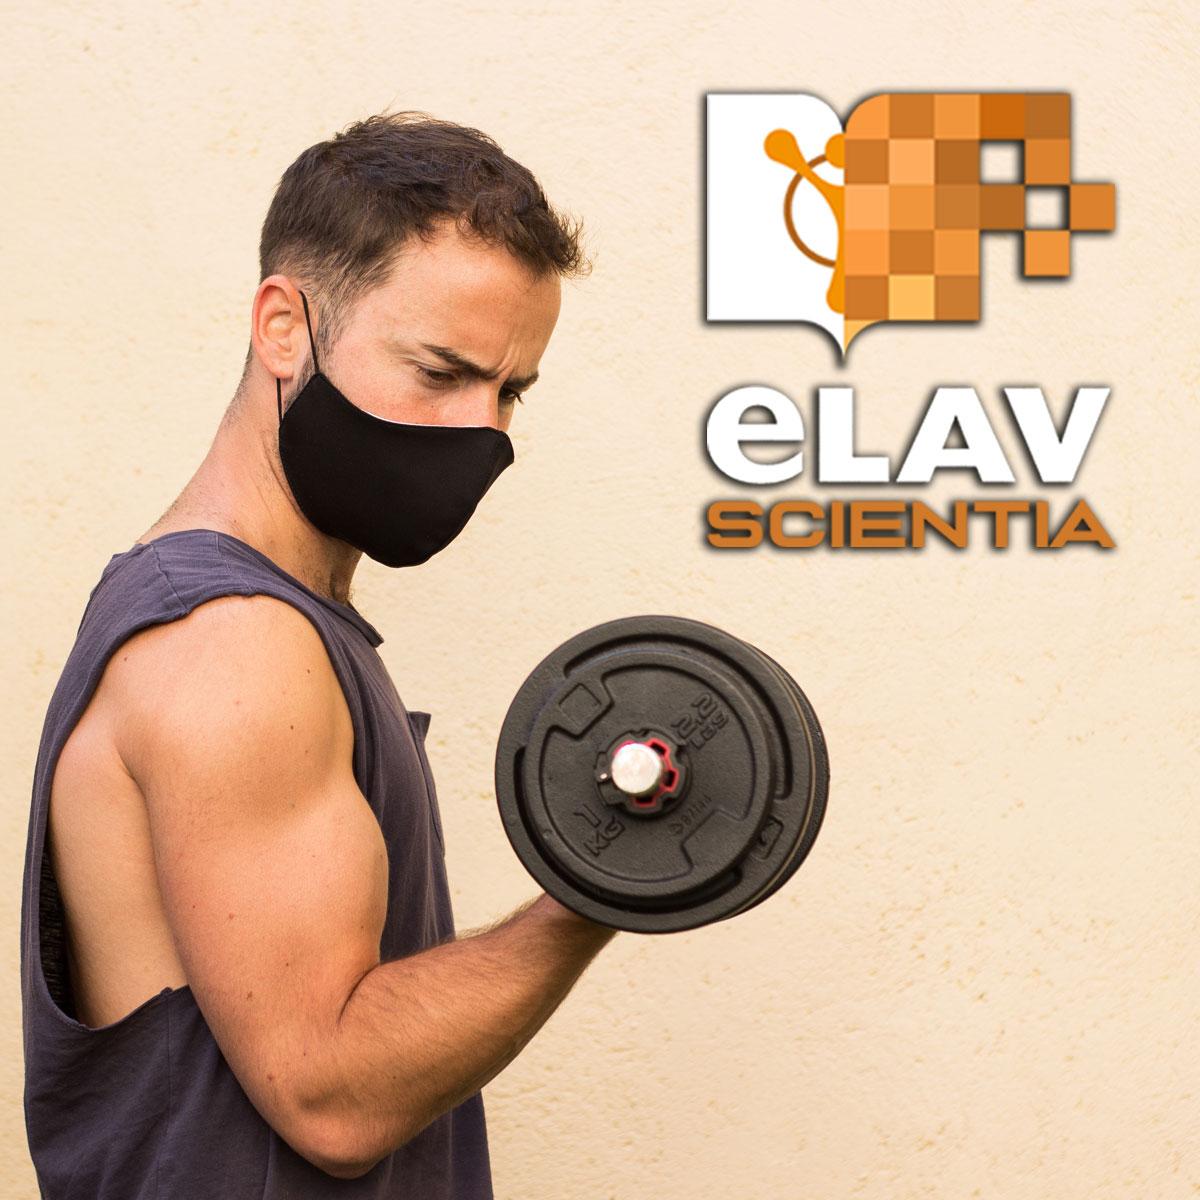 L'esercizio Fisico Intenso Indossando Una Mascherina Potrebbe Essere Pericoloso. Ecco Perché